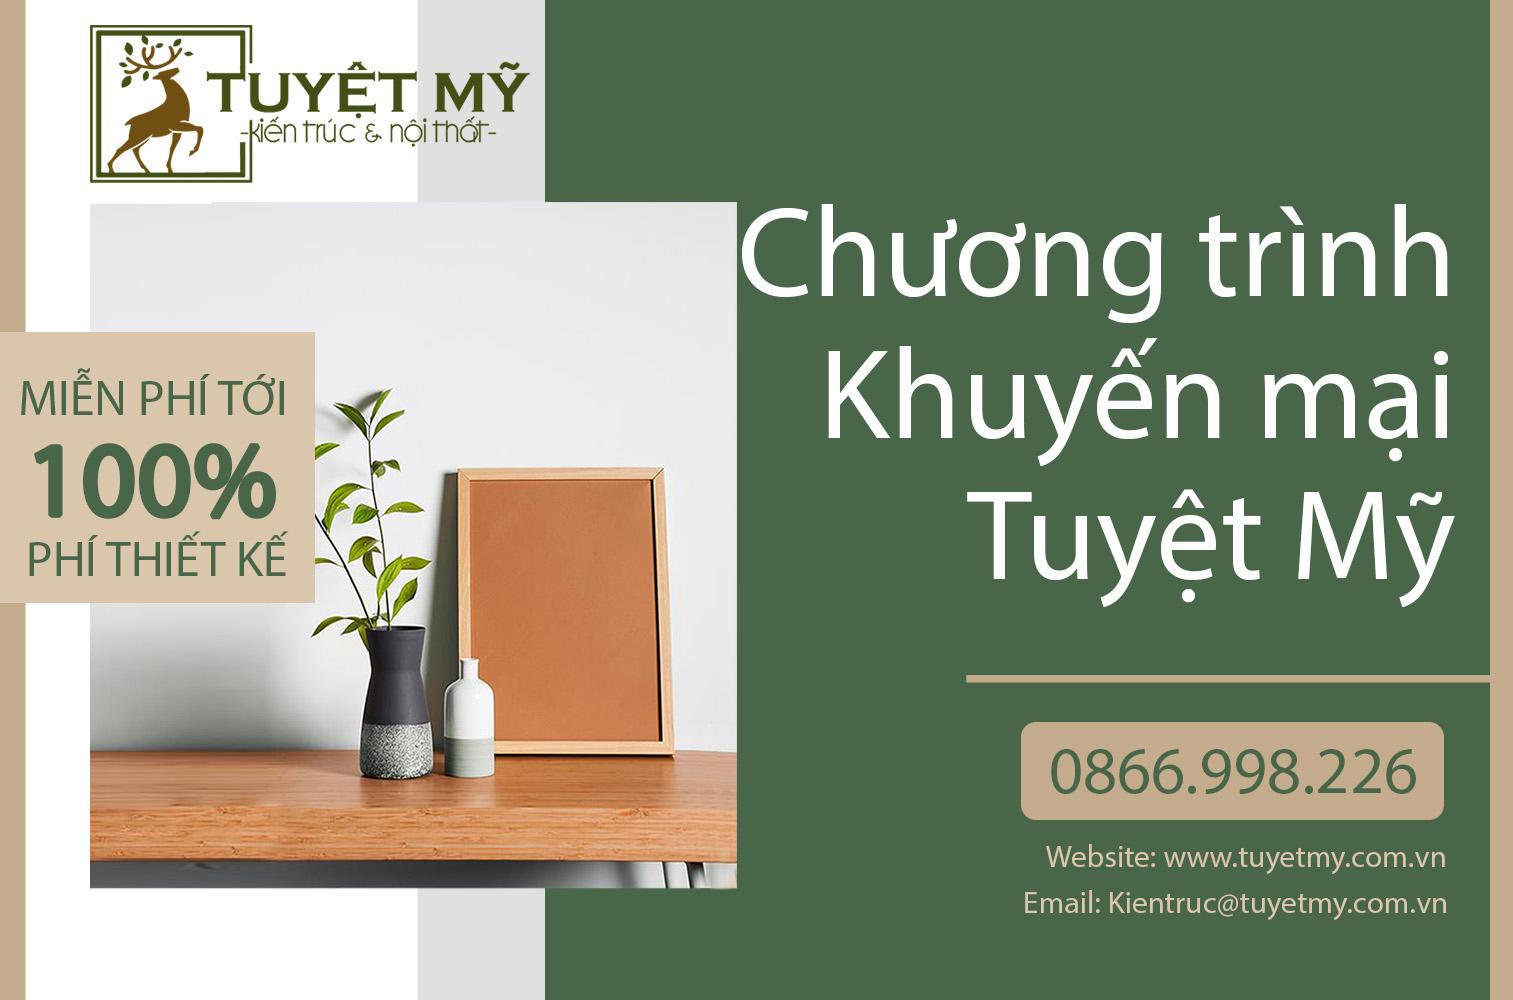 tuyet-my-khuyen-mai-thang-10-v3